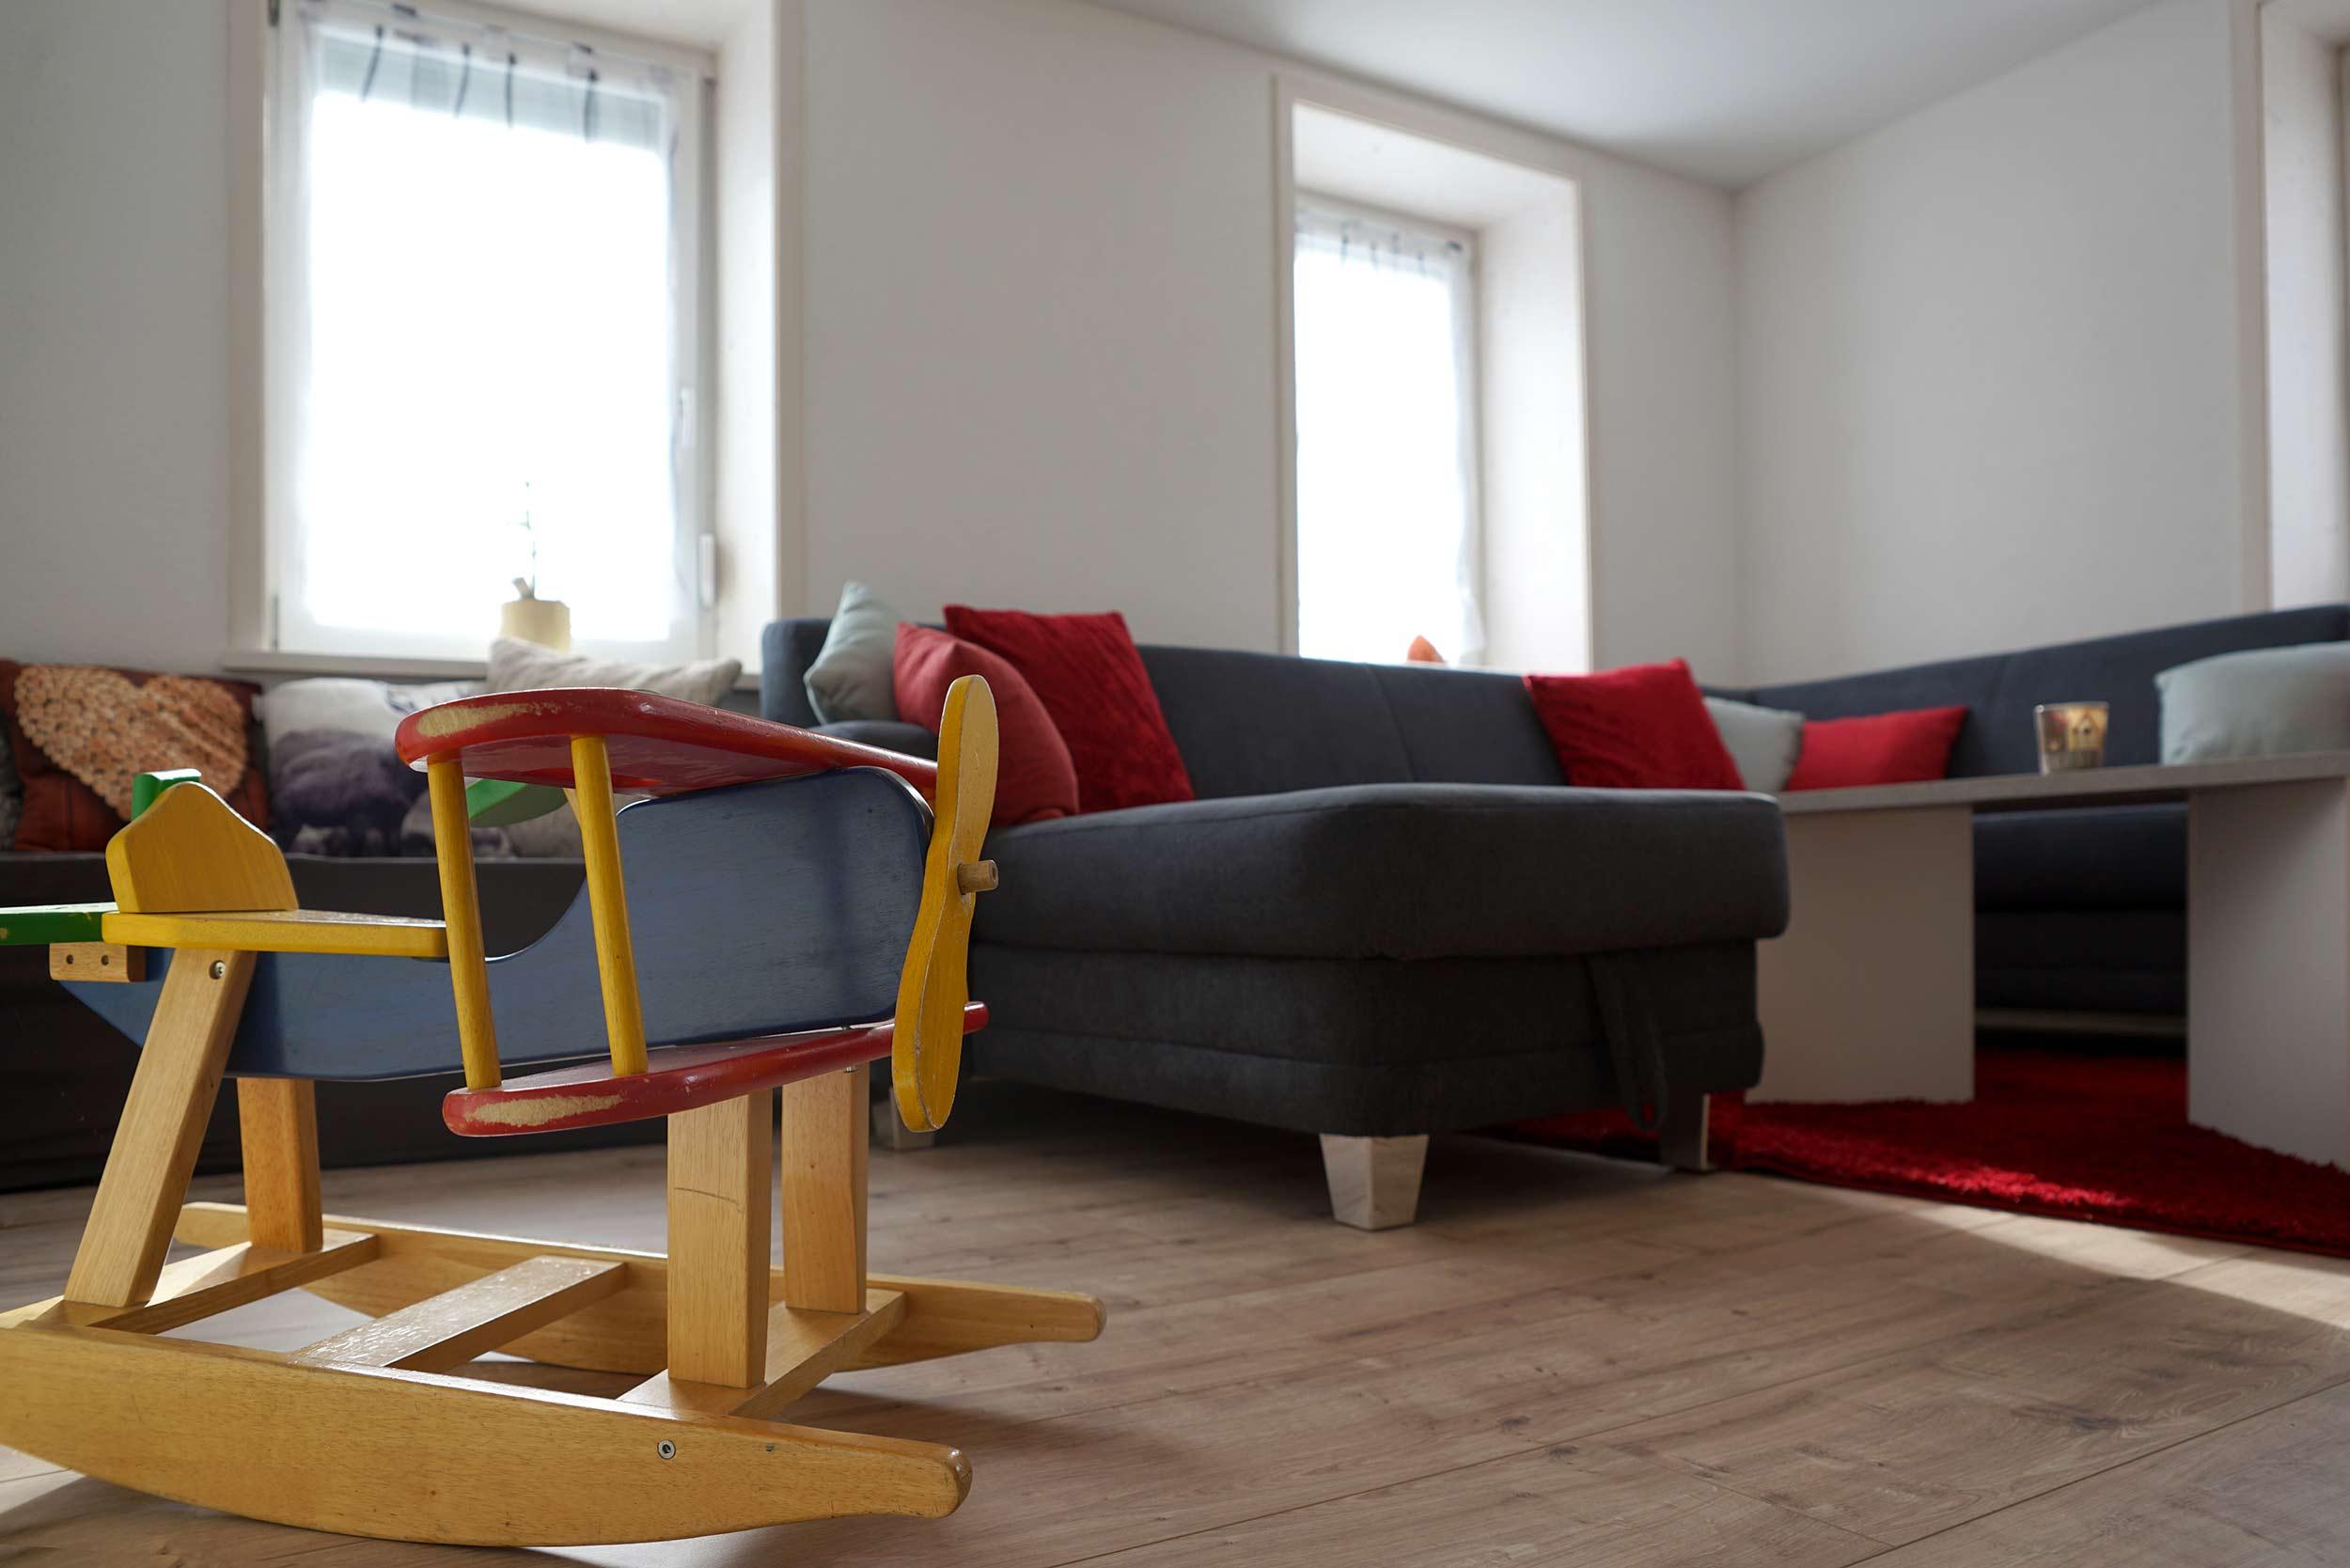 Ferienwohnung Christian Buhmann, Wohnzimmer